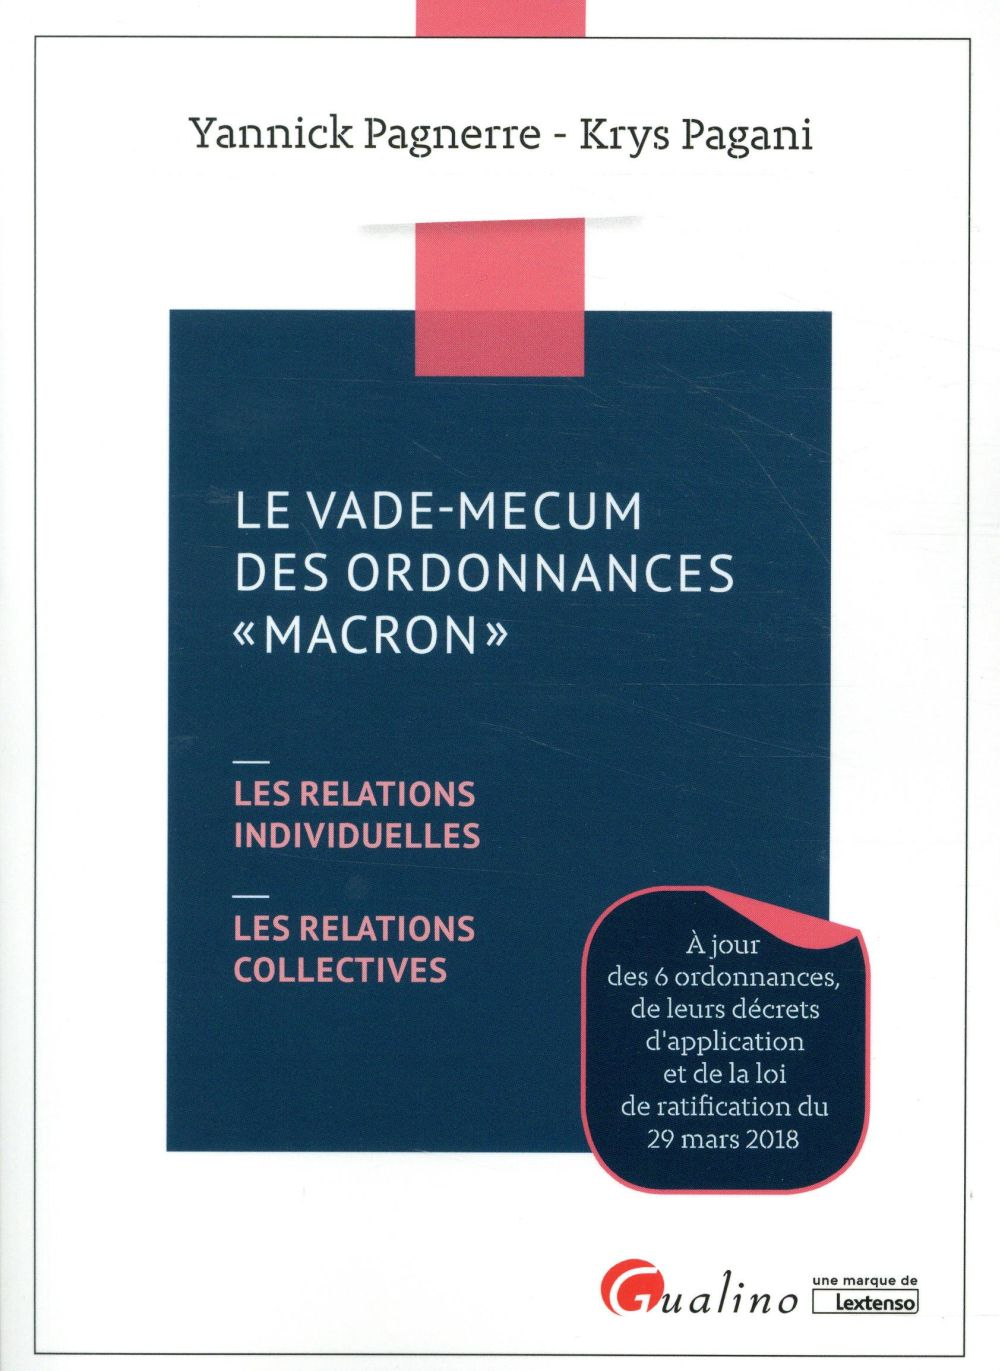 Le vade-mecum des ordonnances Macron